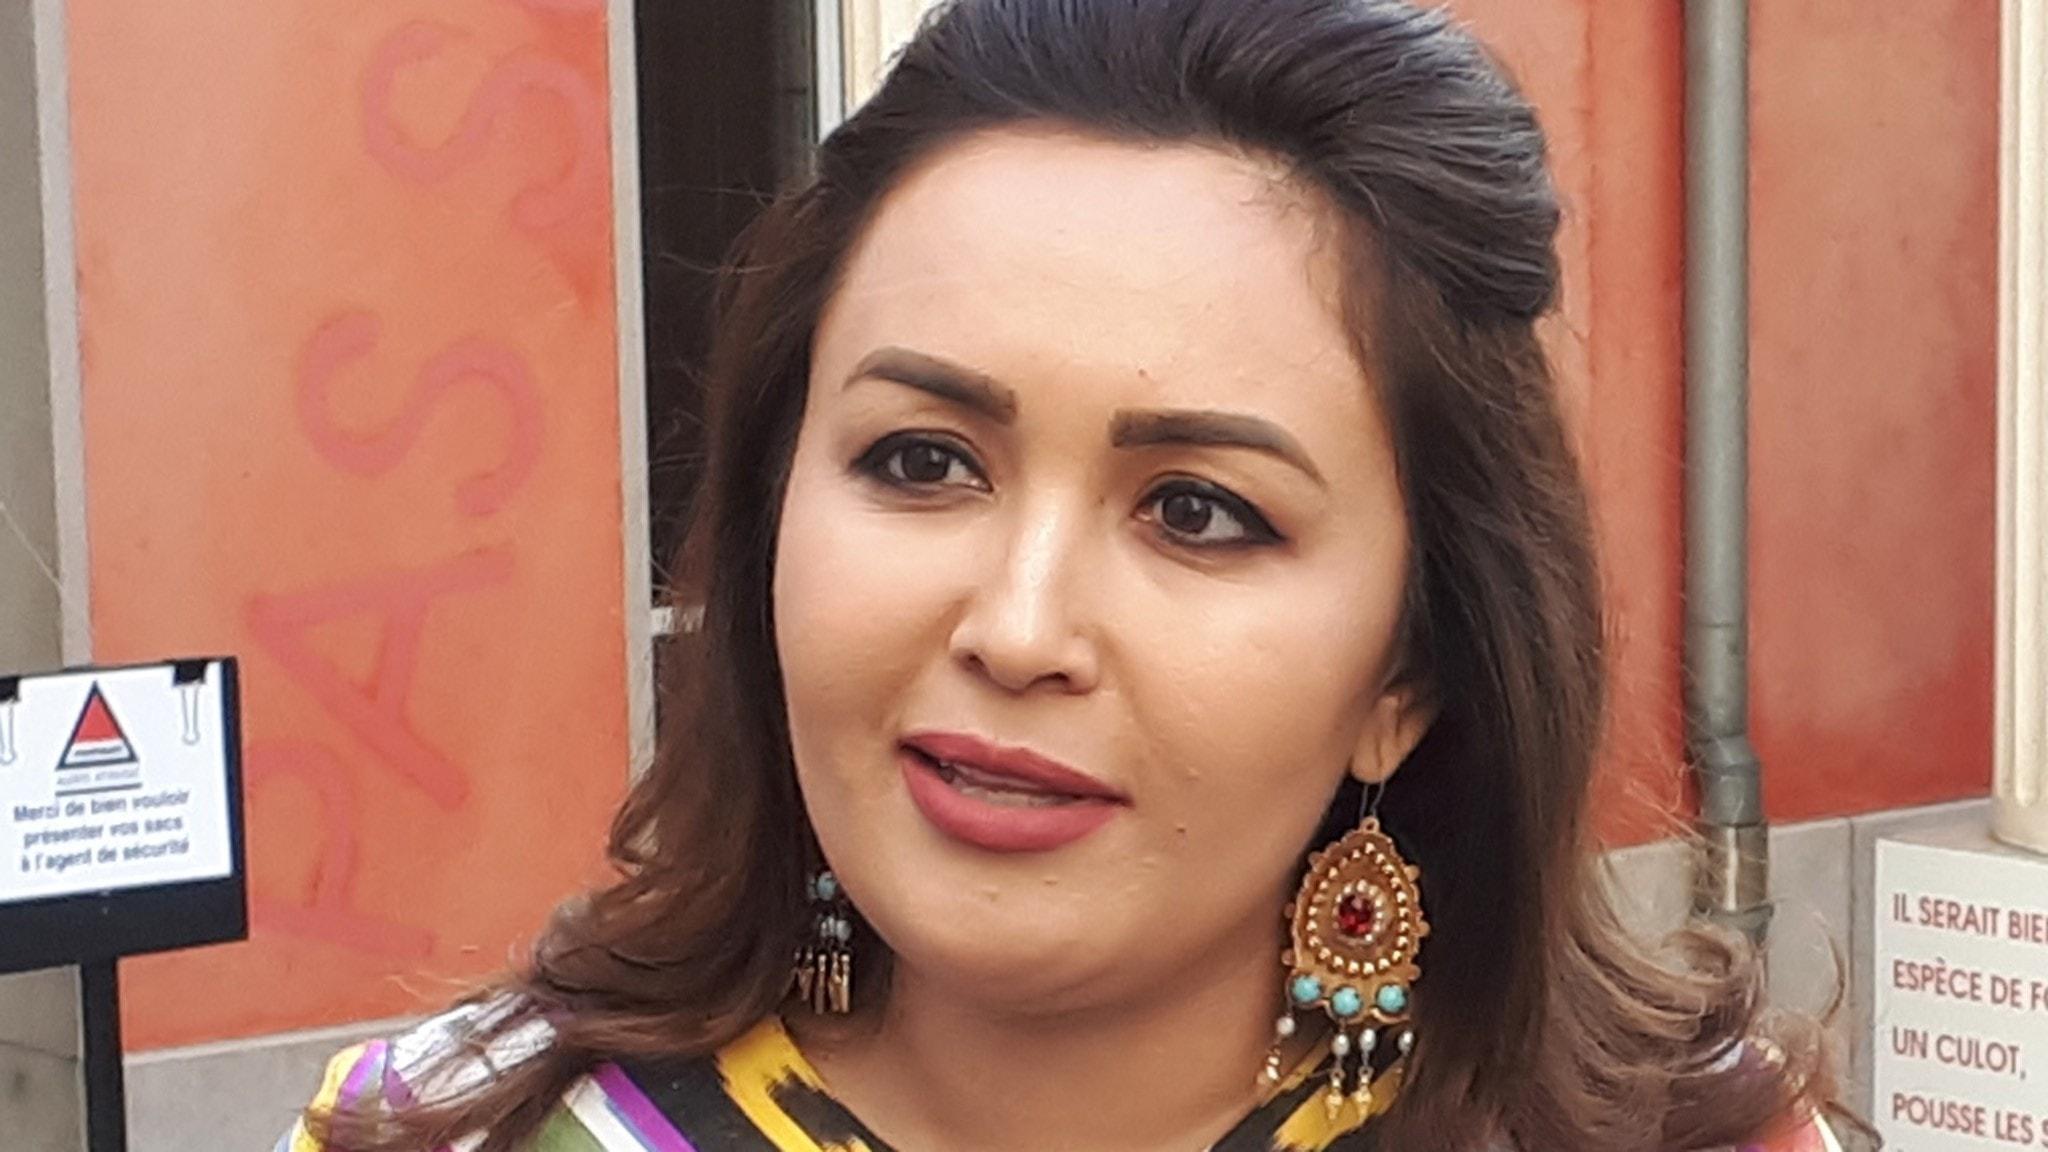 KONSERT: En sångarstjärna från Uzbekistan – Yulduz Turdieva - spela